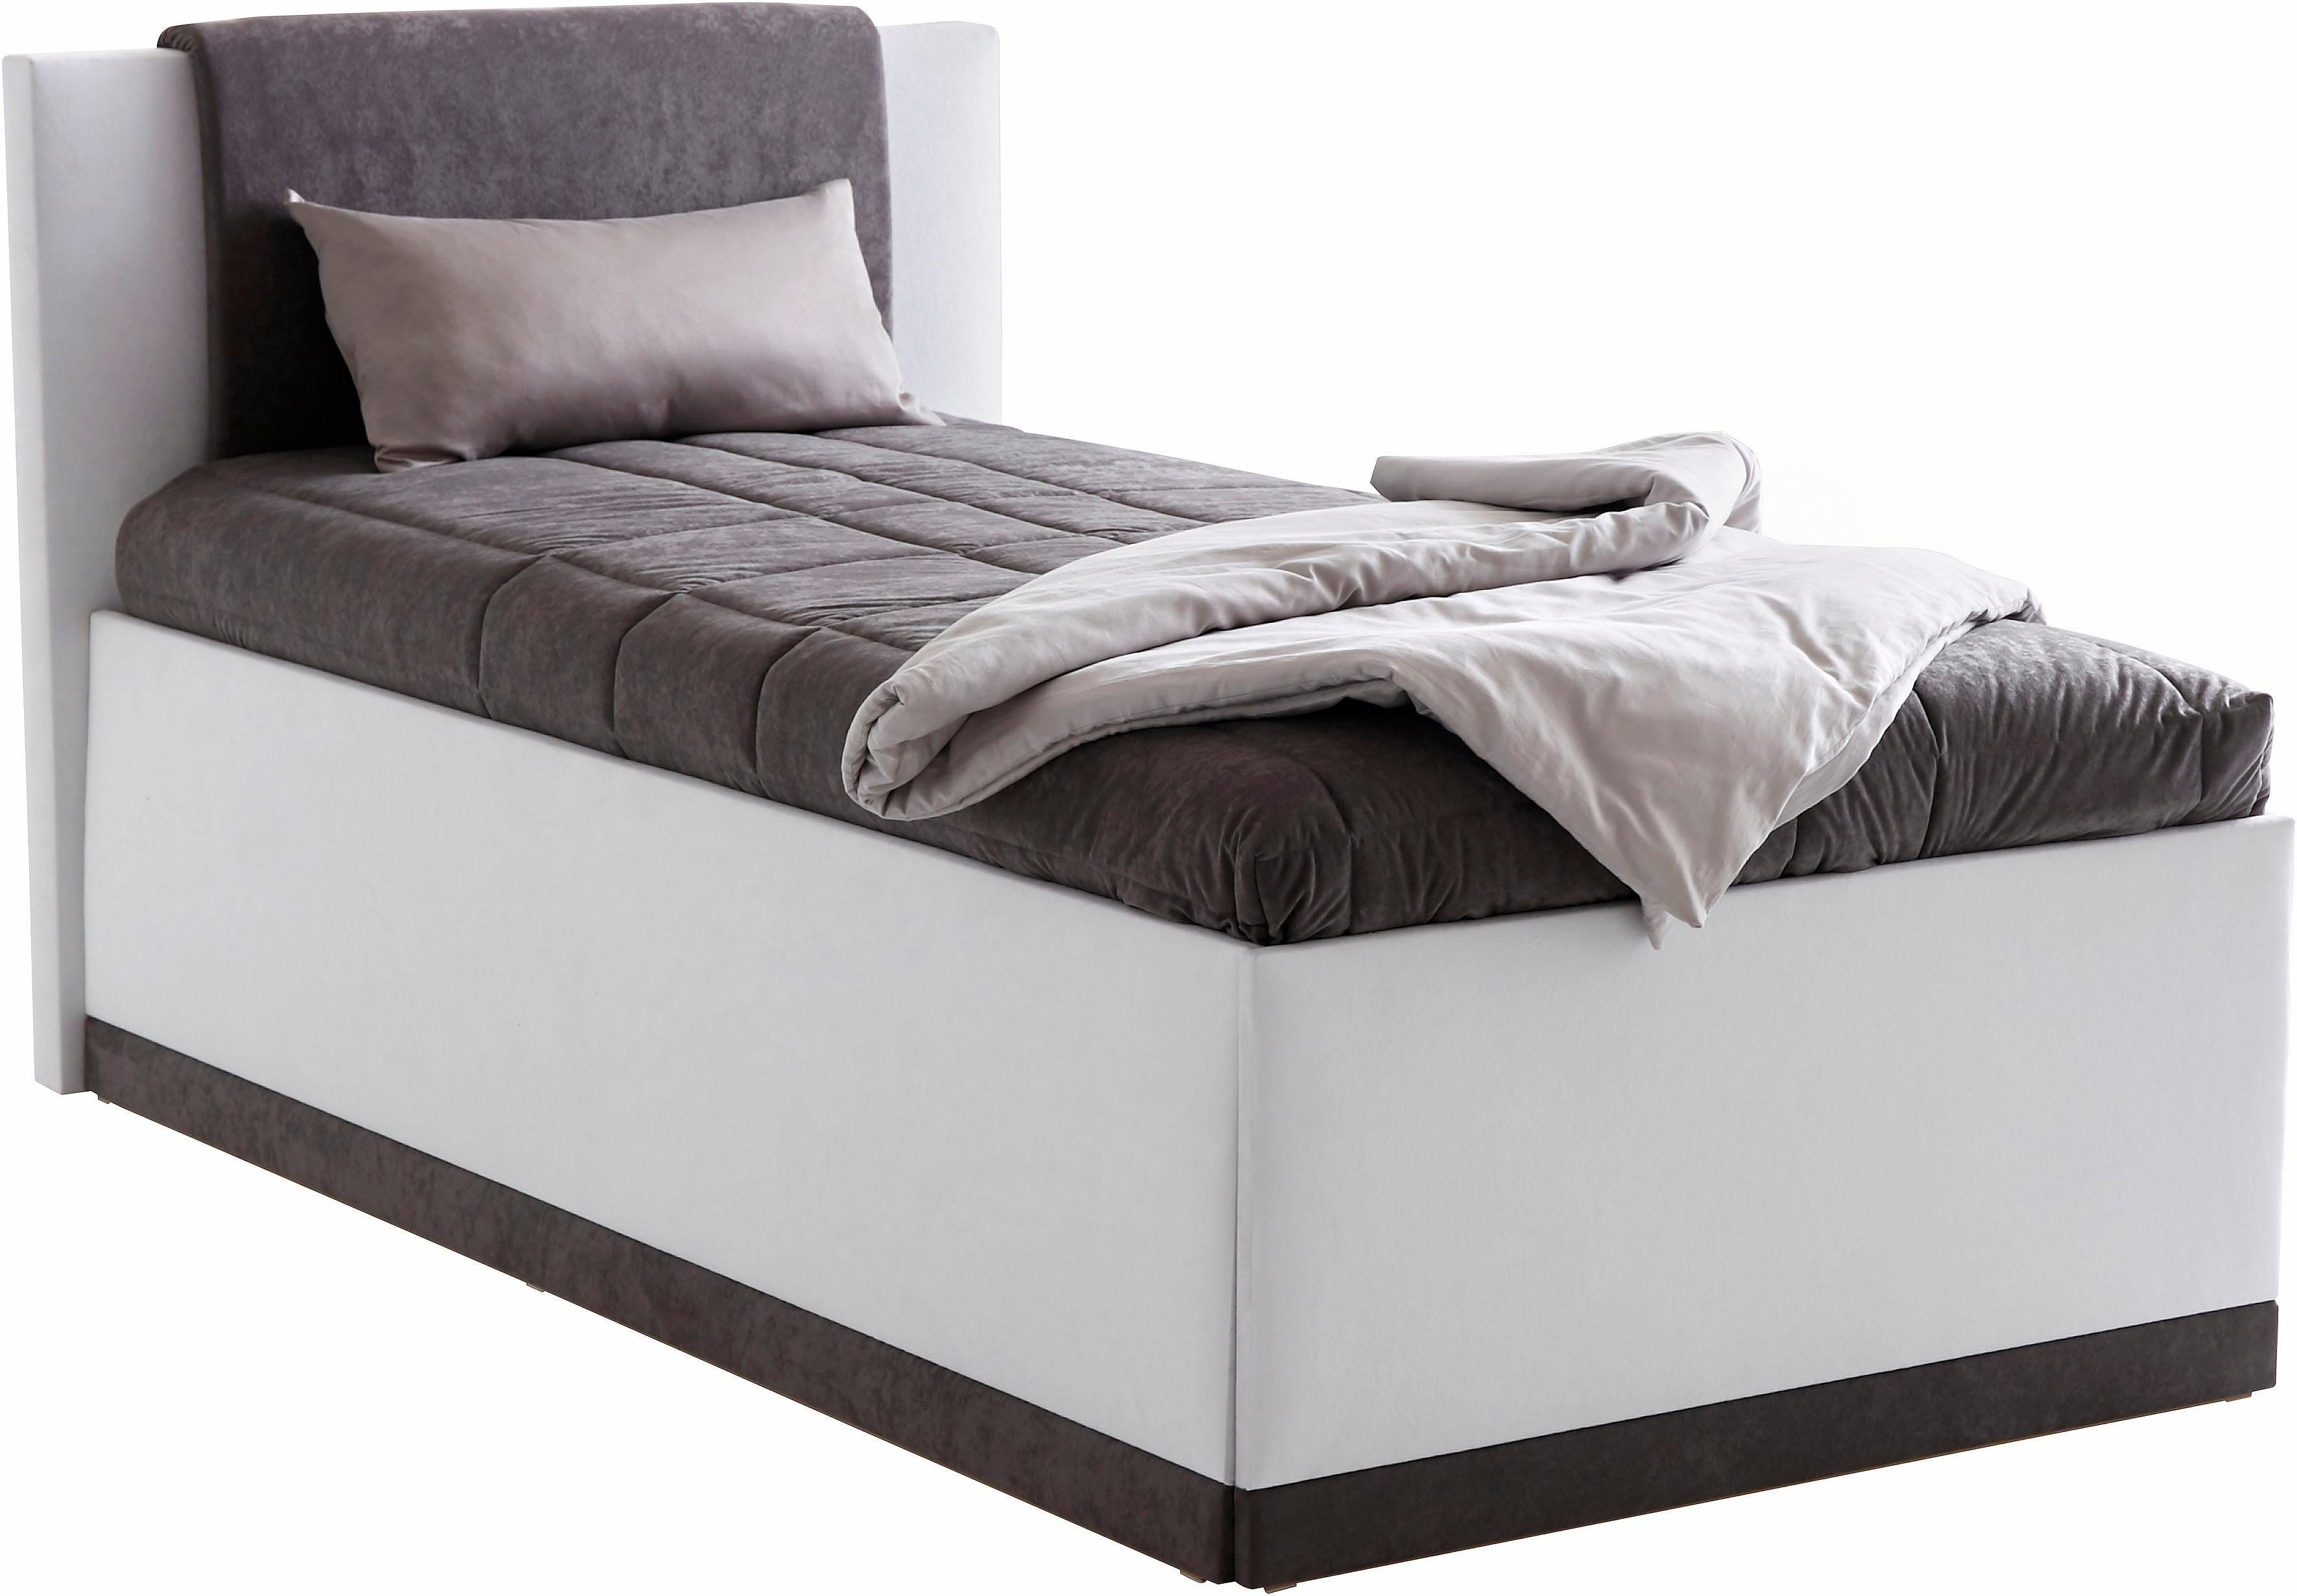 Westfalia Schlafkomfort Polsterbett inkl. Bettkasten und Tagesdecke   Schlafzimmer   Federn   Westfalia Schlafkomfort